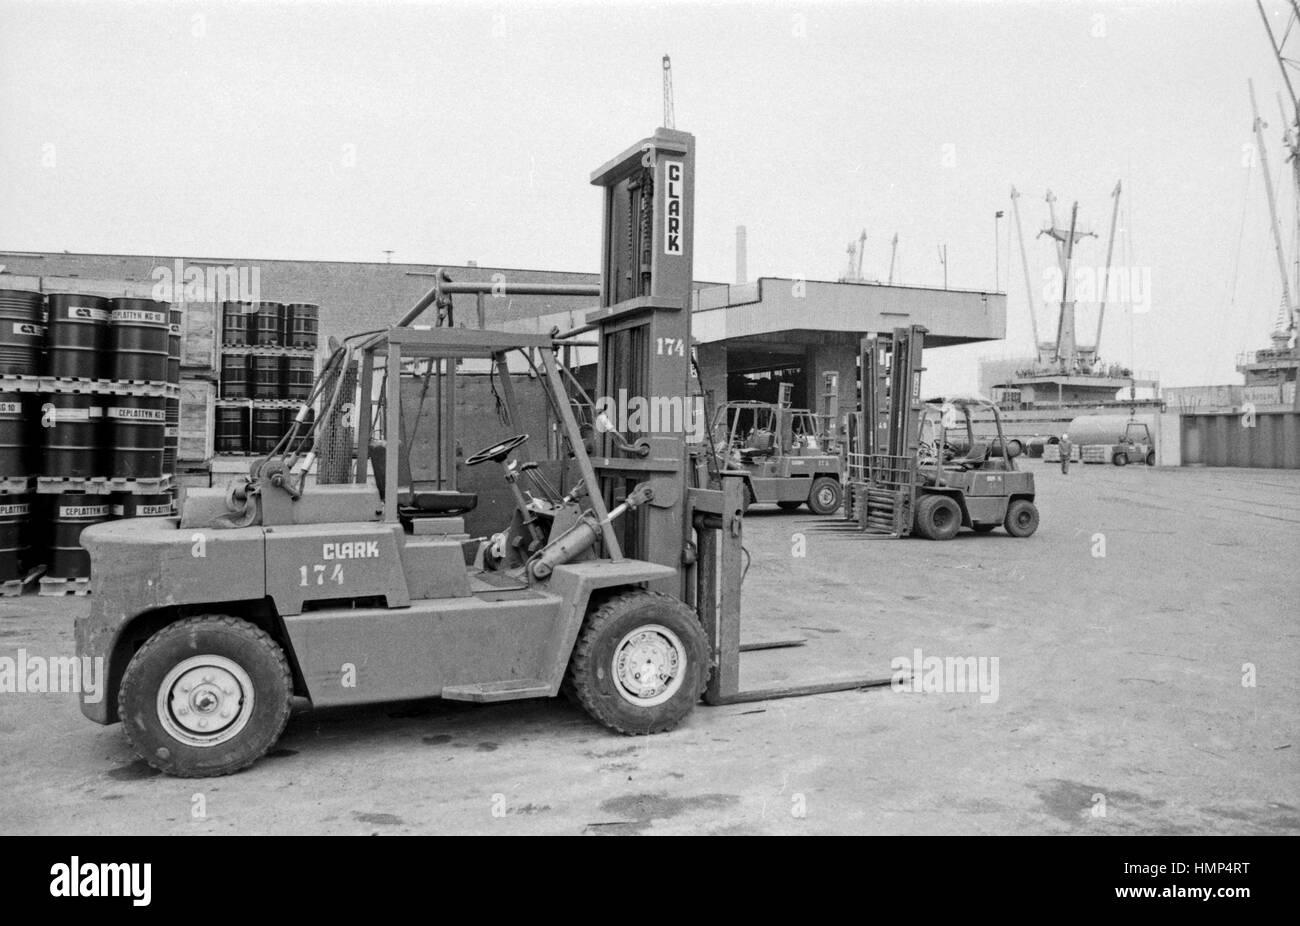 Umschlag von Containern im Containerhafen Hamburg, Deutschland 1970er Jahre. Container handling at Hamburg harbor, Stock Photo